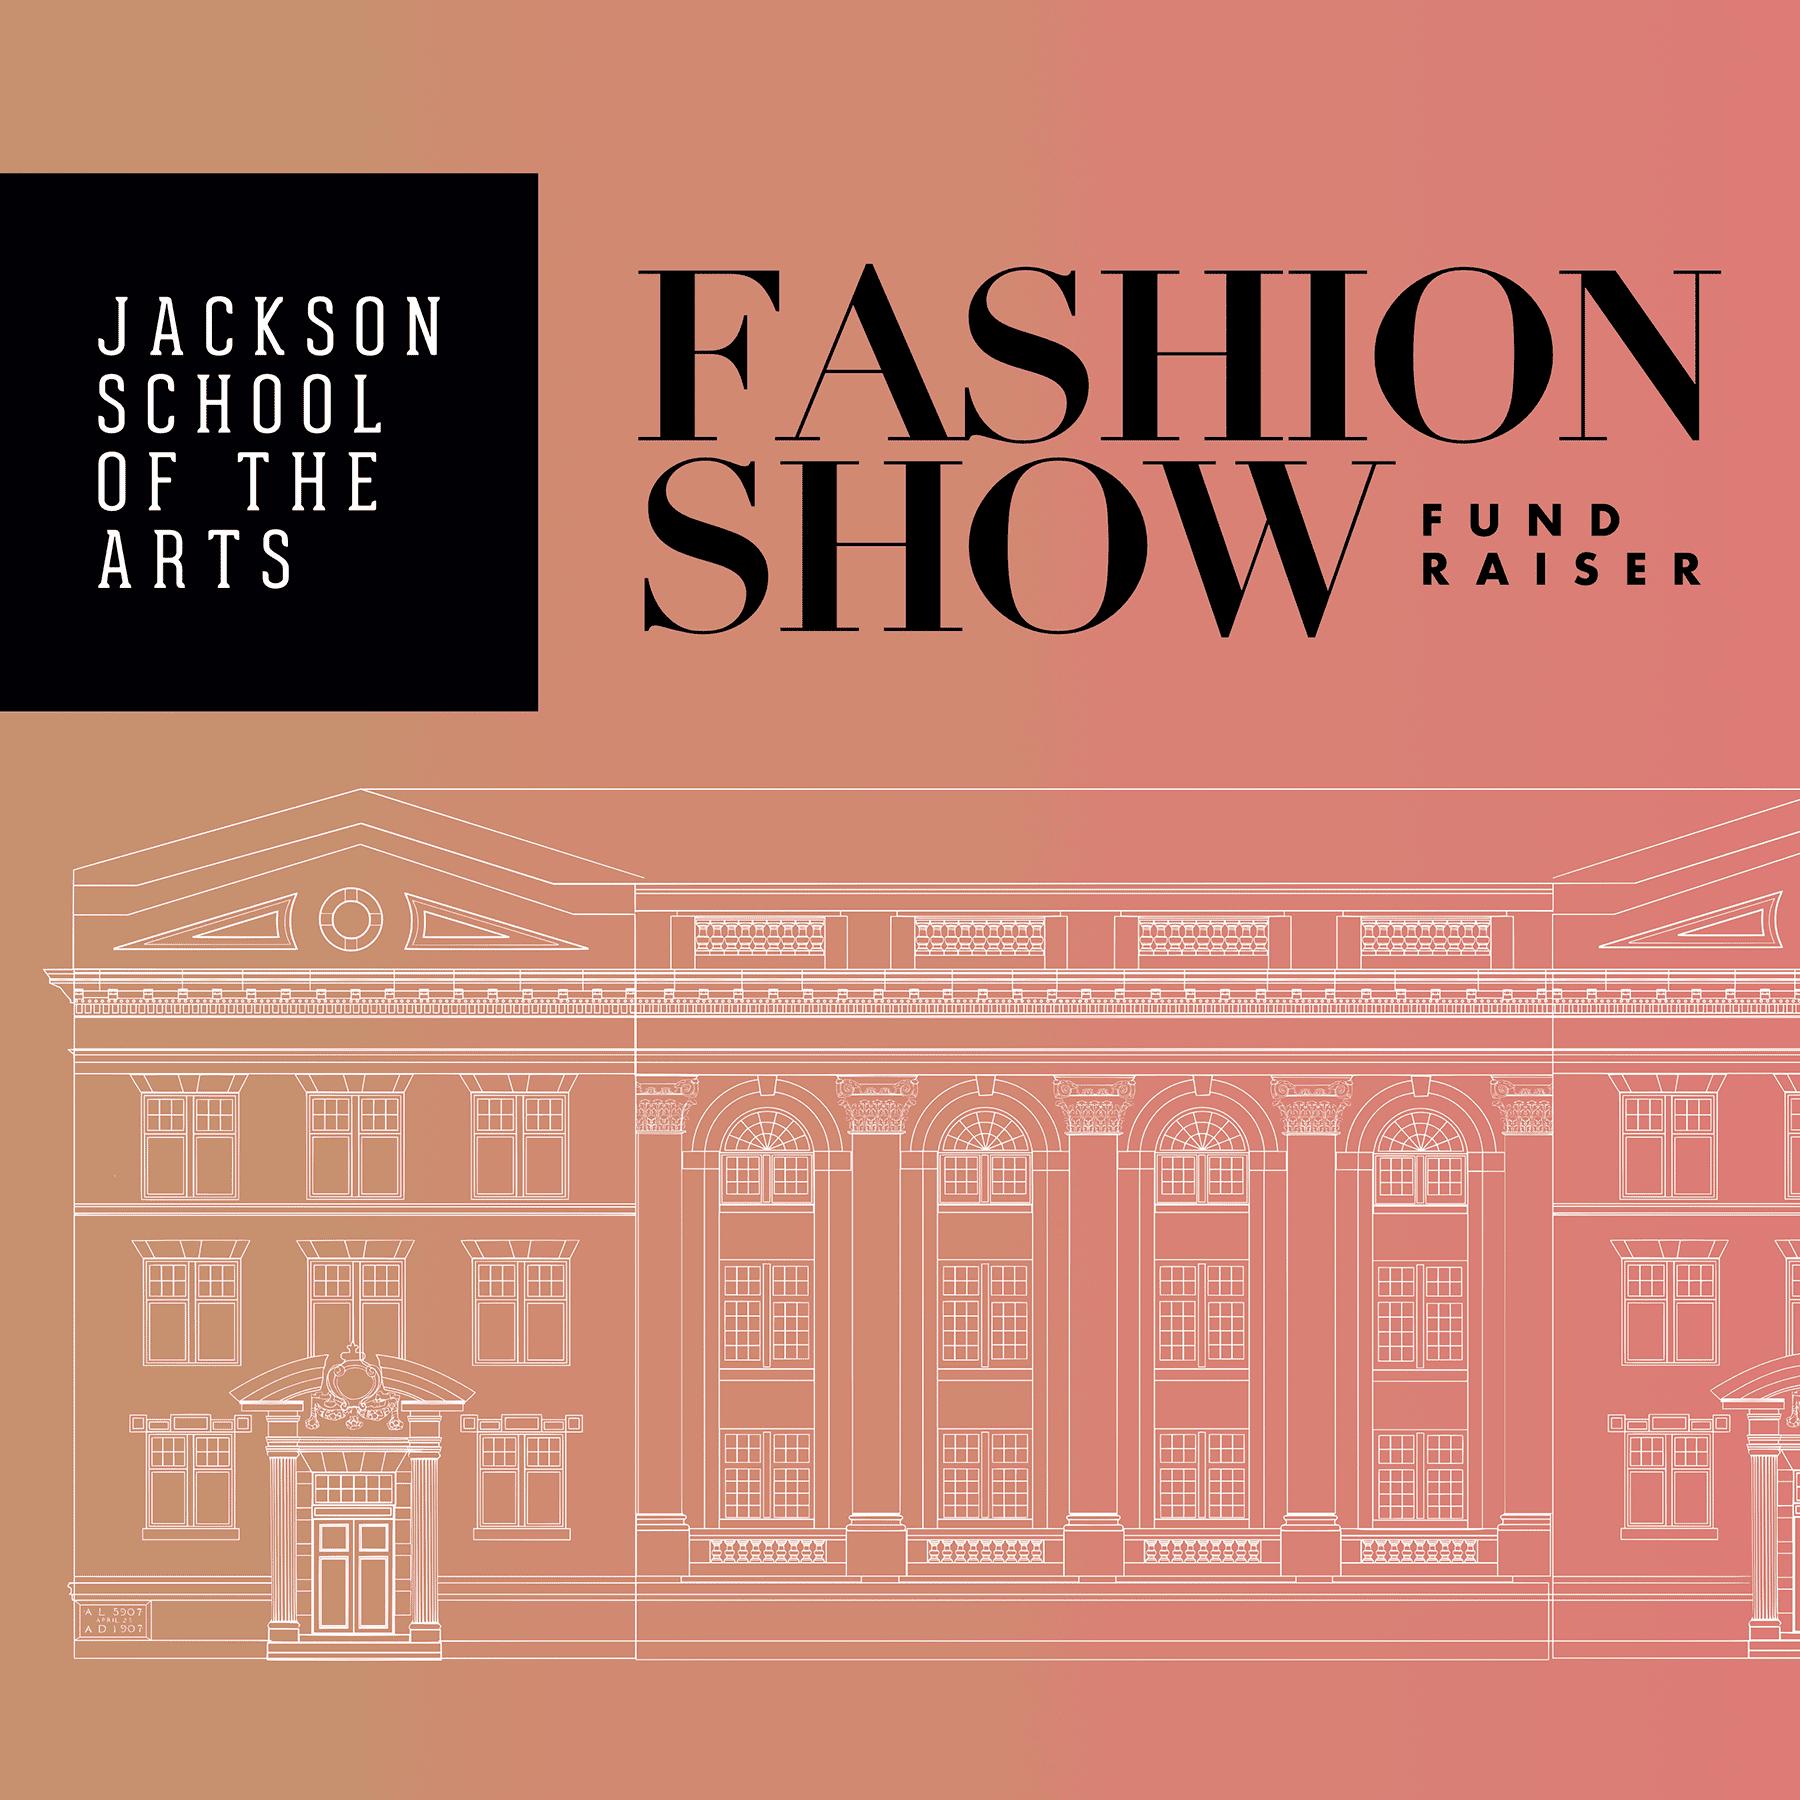 JSA Fashion Show Fundraiser